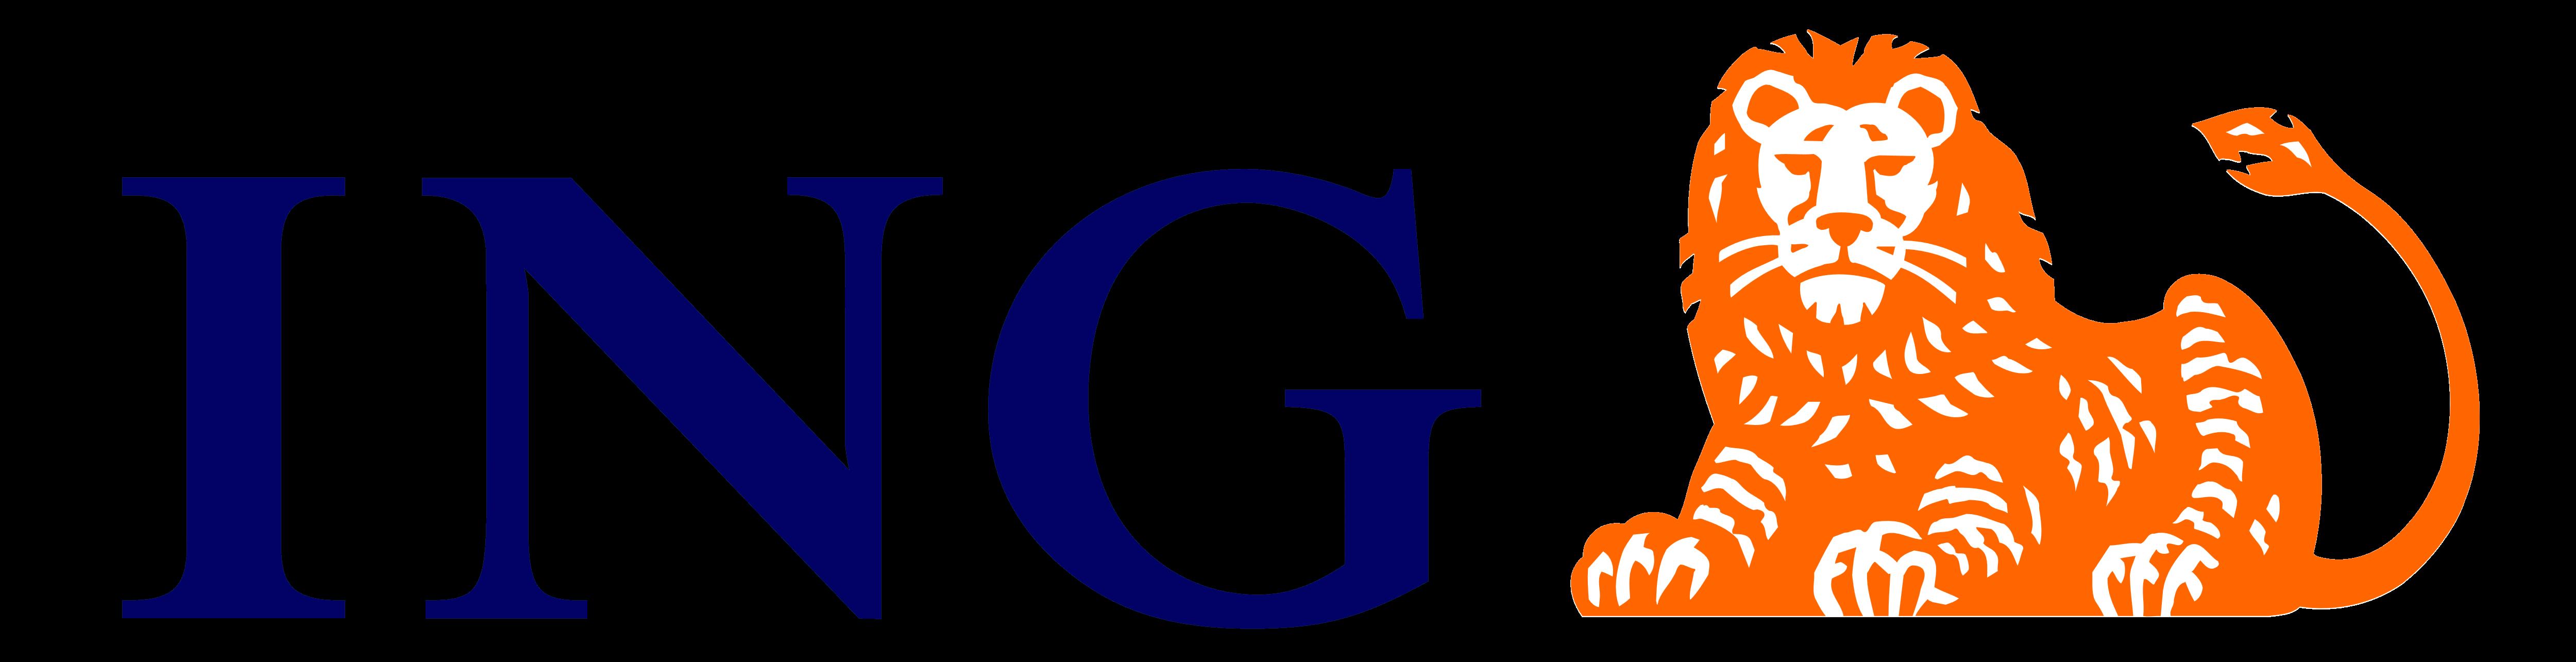 ING u2013 Logos Download